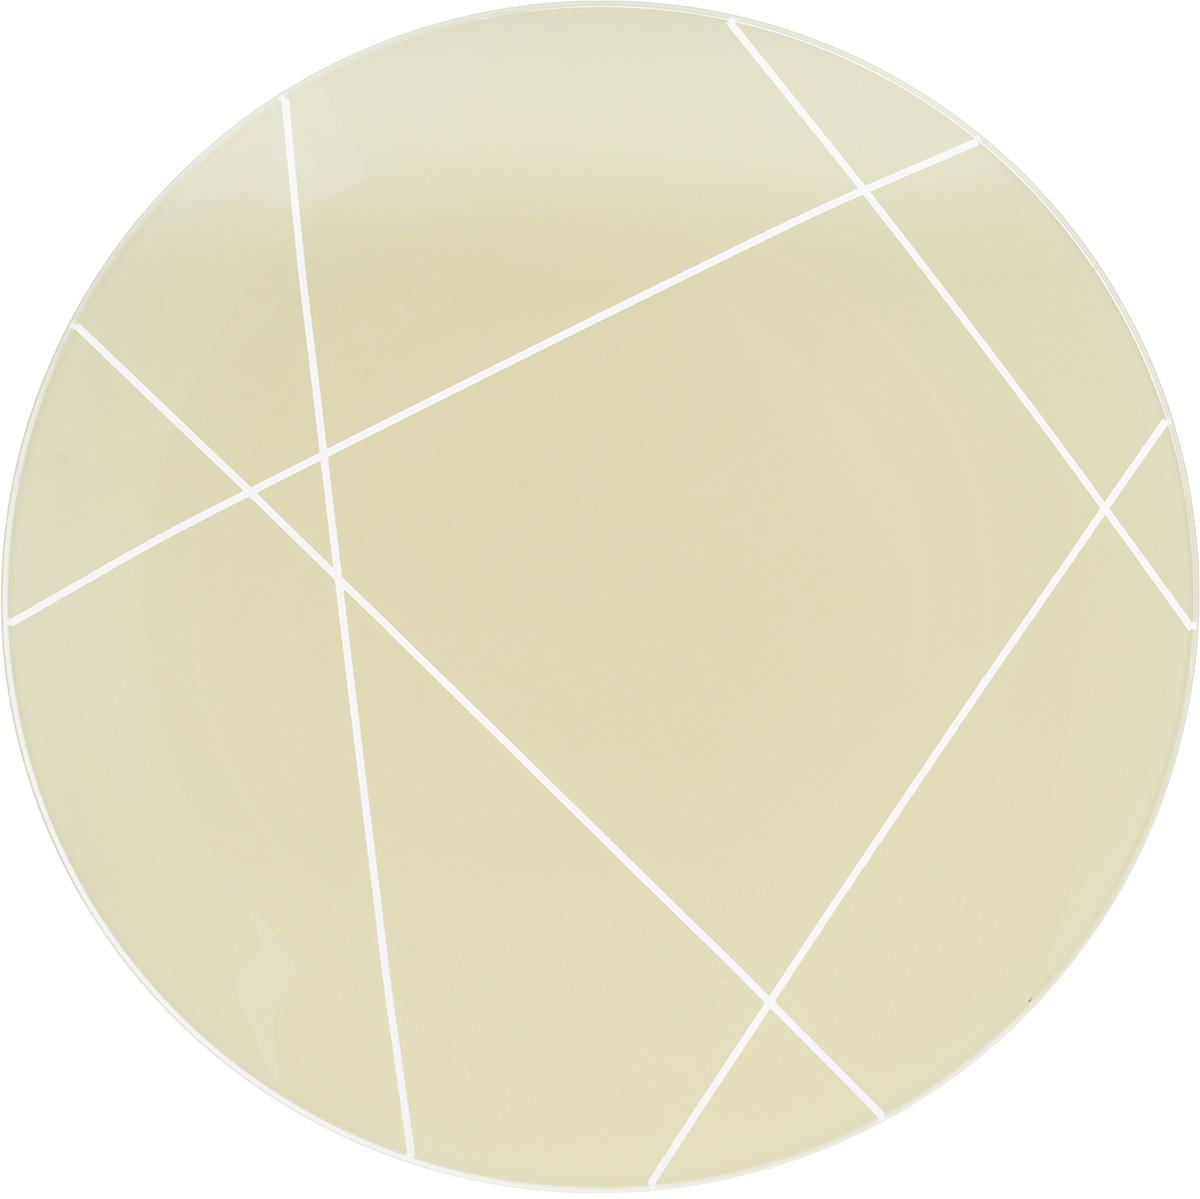 Тарелка NiNaGlass Контур, цвет: светло-бежевый, диаметр 30 см115610Тарелка NiNaGlass Виктория выполнена из высококачественного стекла и оформлена красивым прозрачным геометрическим принтом. Тарелка идеальна для подачи вторых блюд, а также сервировки закусок, нарезок, салатов, овощей и фруктов. Она отлично подойдет как для повседневных, так и для торжественных случаев.Такая тарелка прекрасно впишется в интерьер вашей кухни и станет достойным дополнением к кухонному инвентарю.